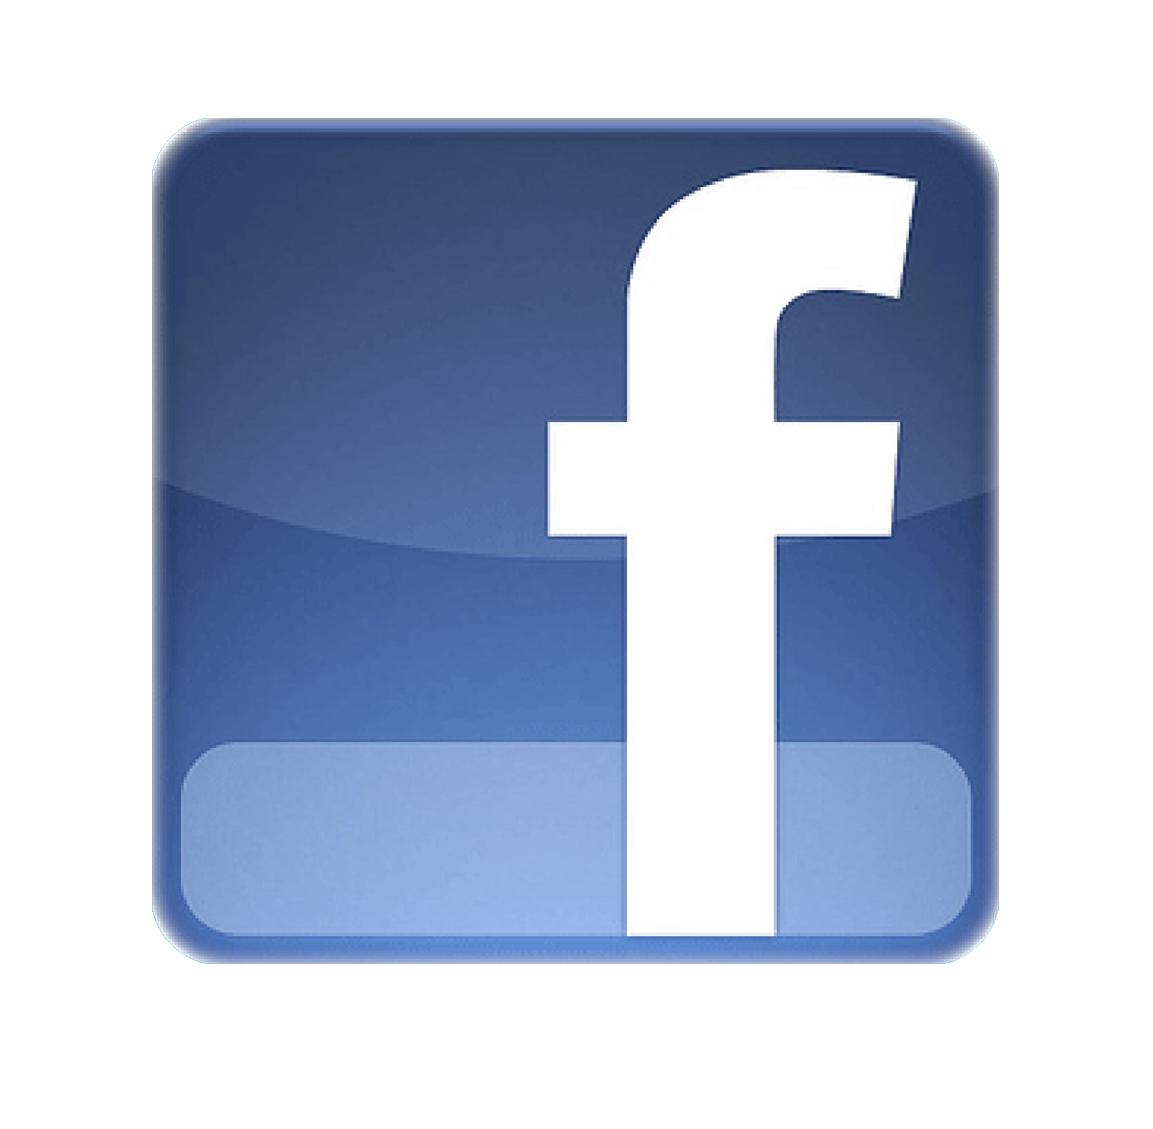 Online Community Facebook Hd Logo Estampas